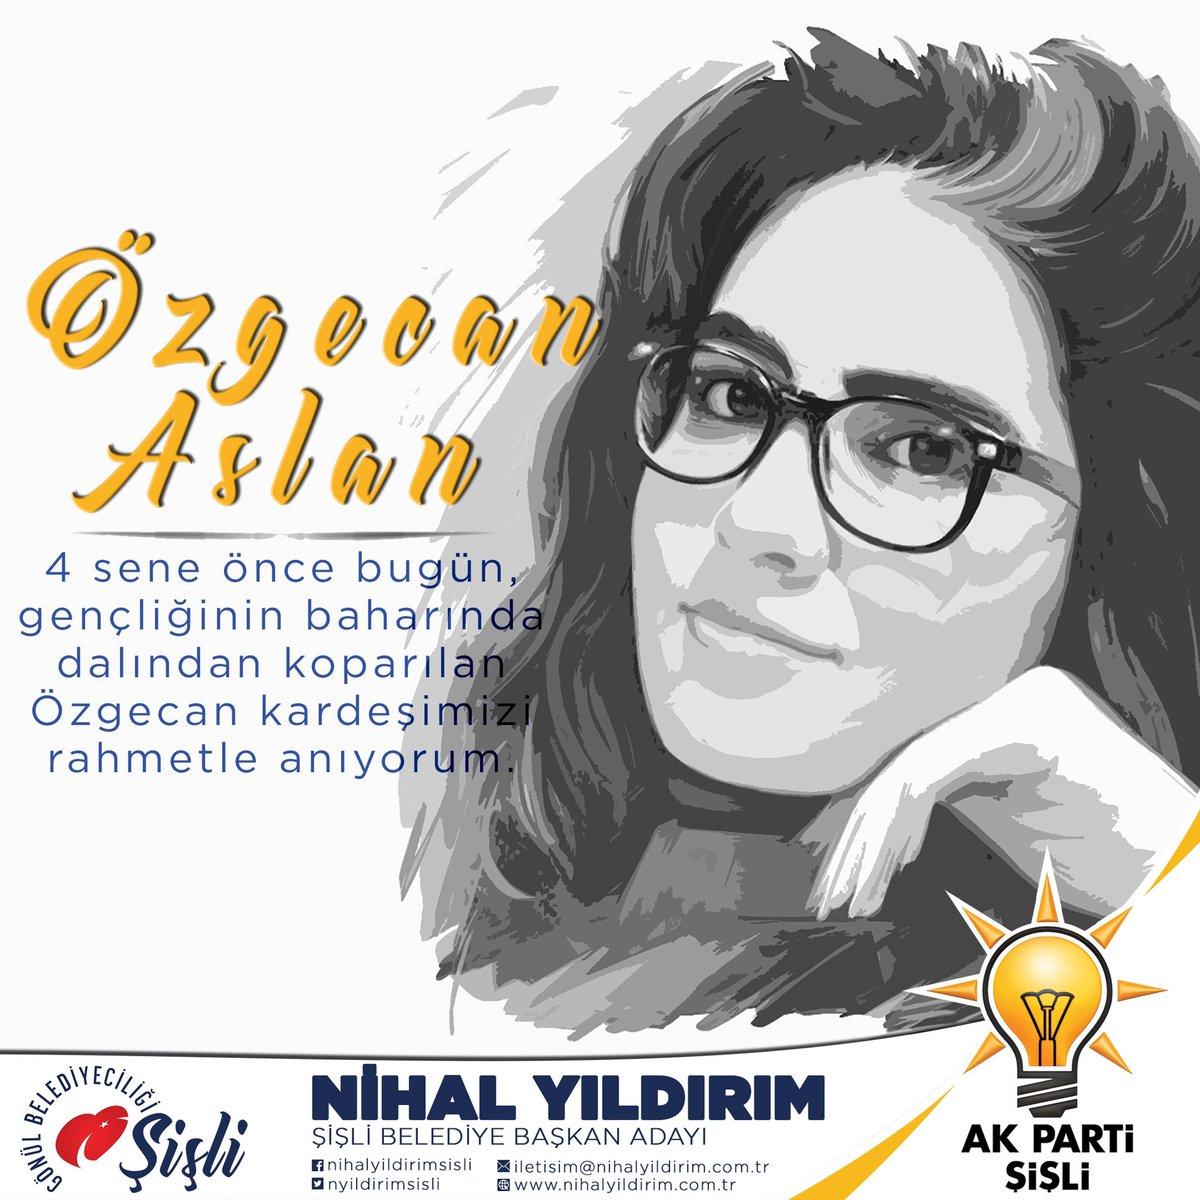 Nihal Yıldırım's photo on #ÖzgecanAslan